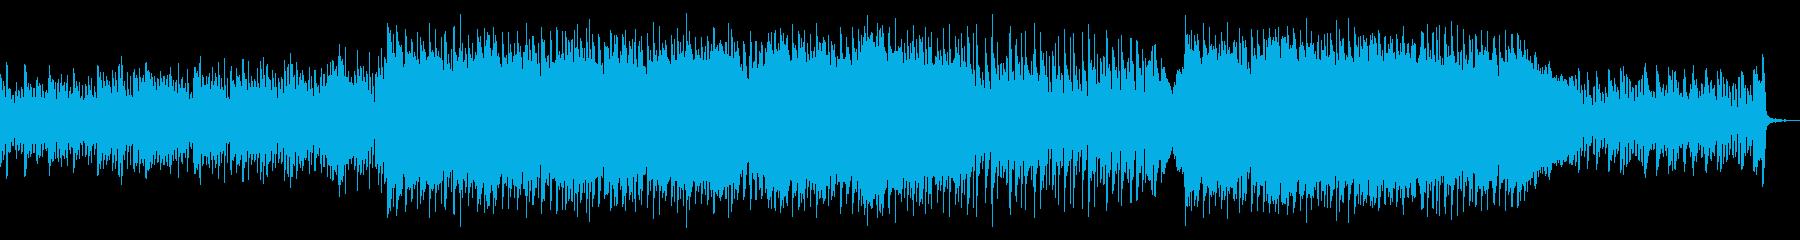 爽やかなポップス・クラリネットの再生済みの波形